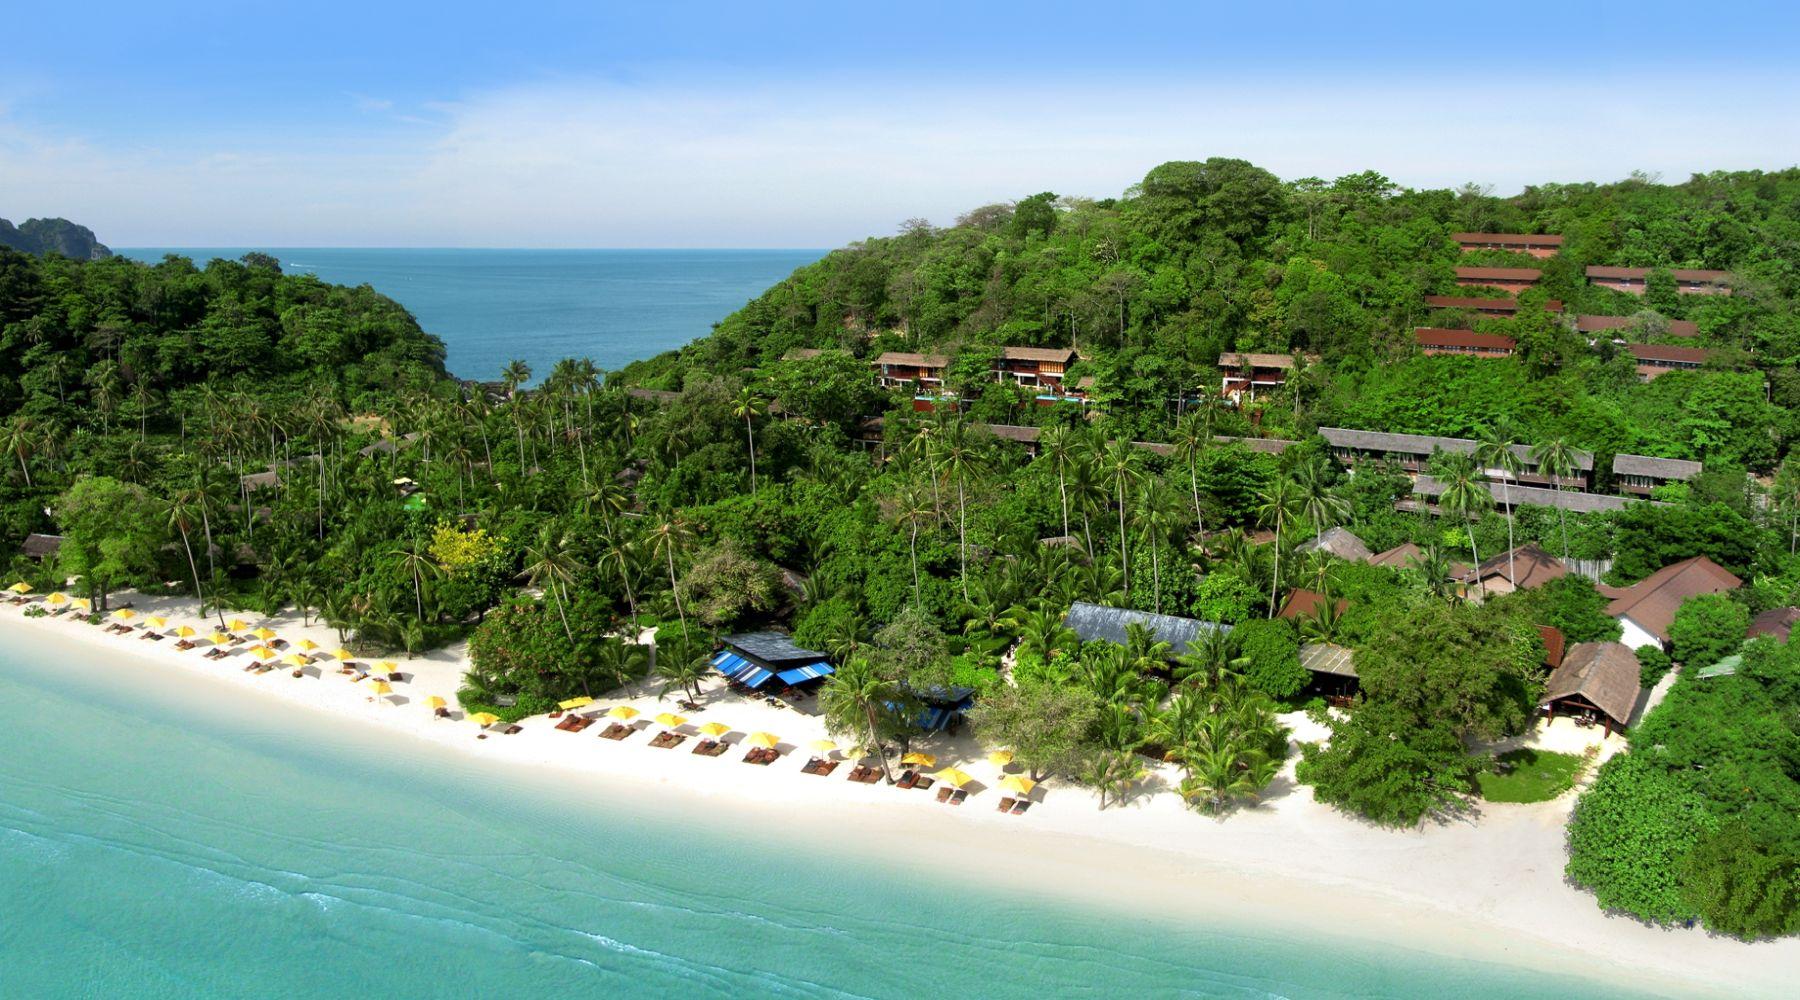 Zeavola, Phi Phi Island